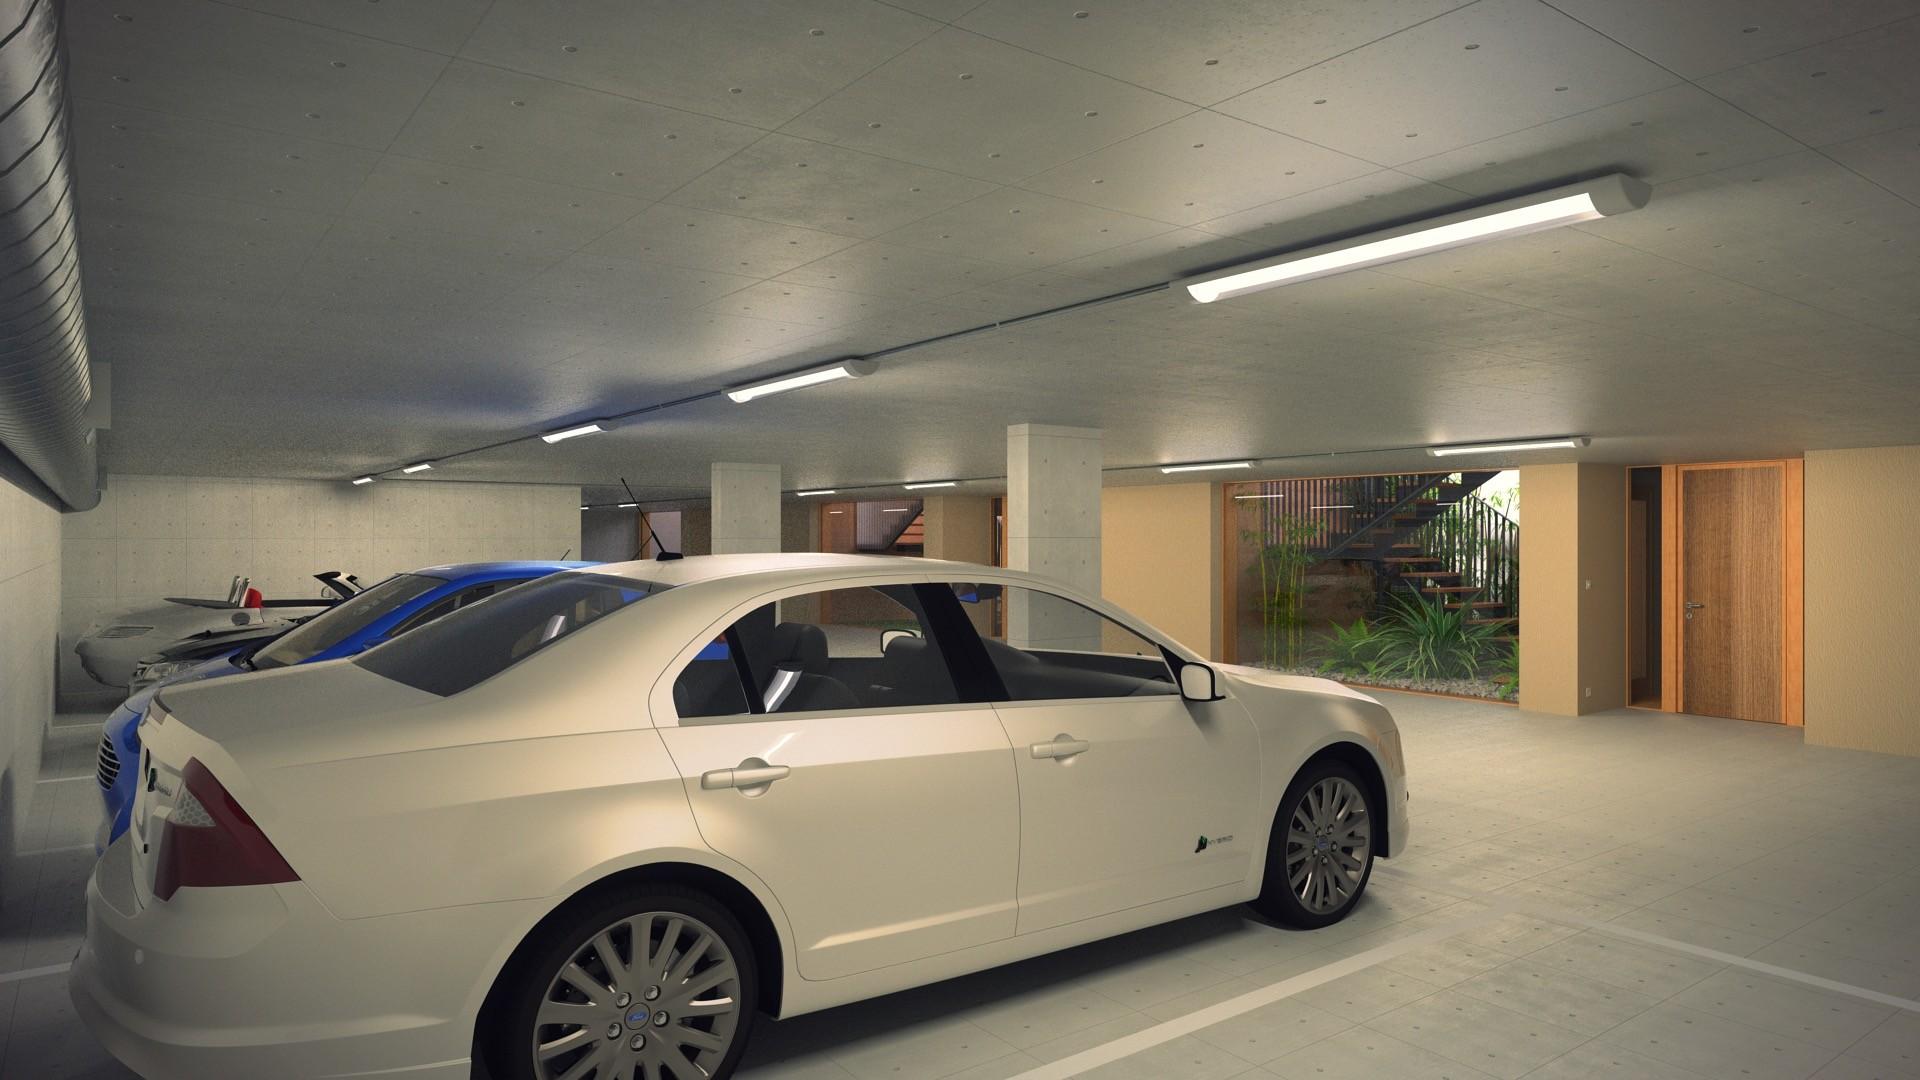 Duane kemp 23 a1309 villas portier 3d staircase garage garage se corner 02 post